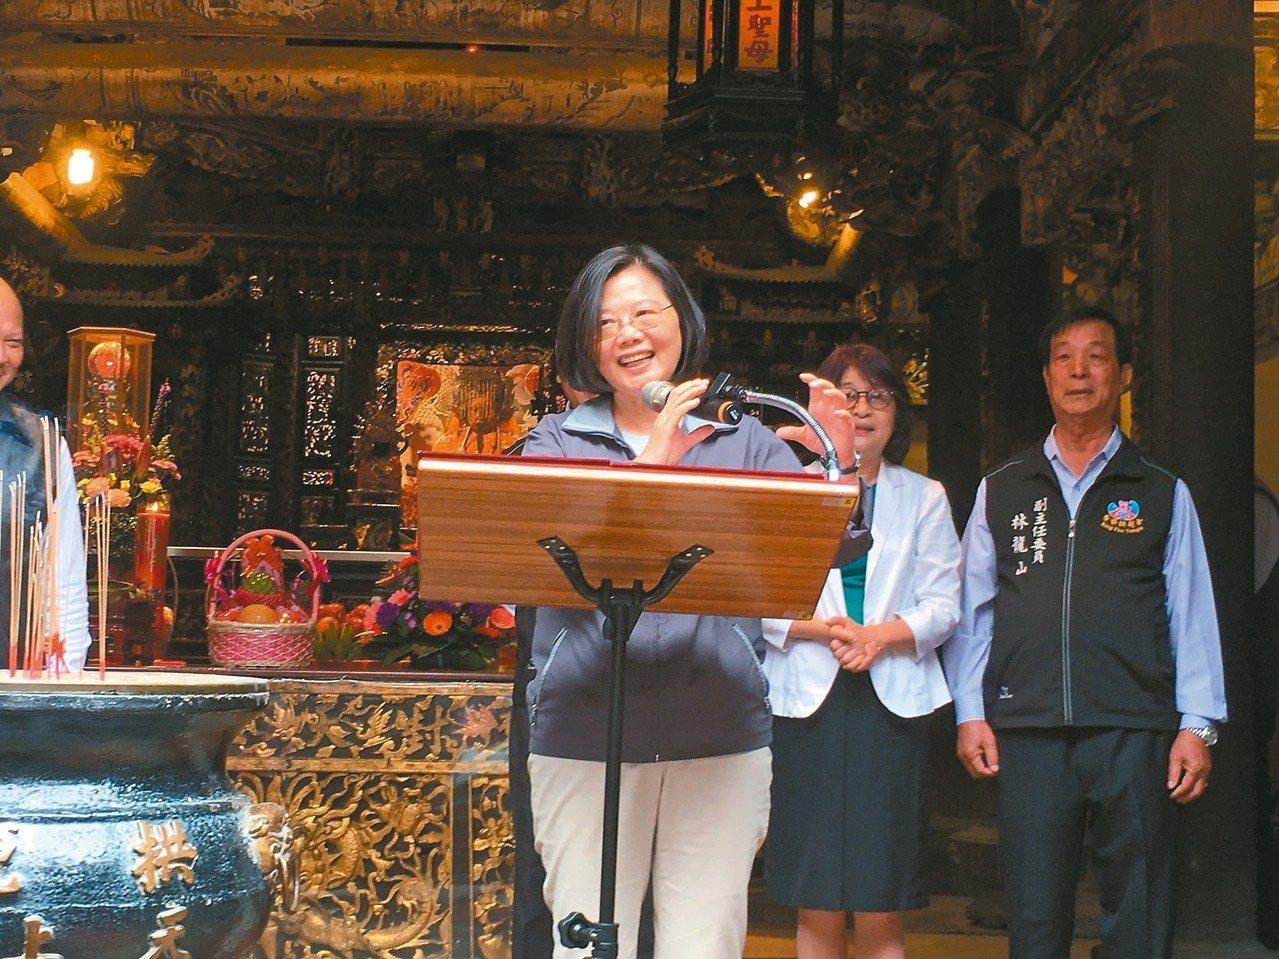 蔡英文總統昨天走訪雲林多處,強調台灣本就是主權獨立的國家。 記者陳雅玲/攝影